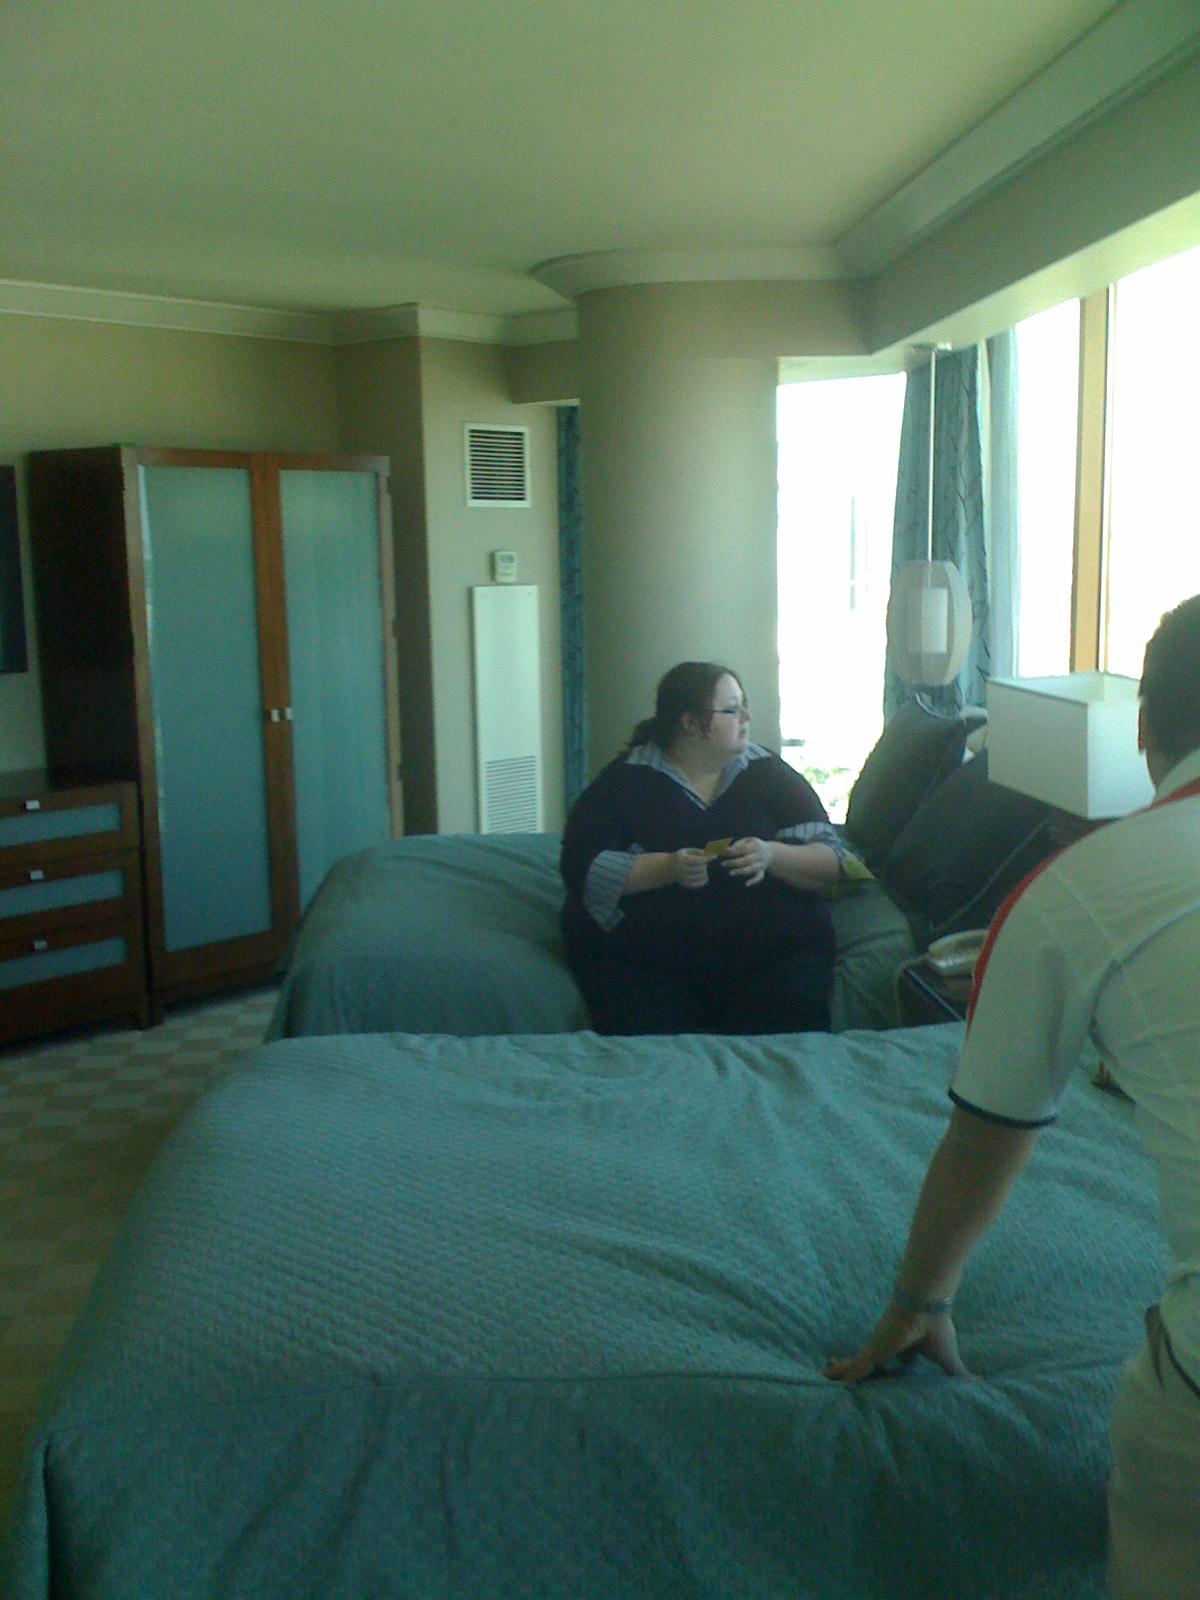 Mandalay Bay 2 Bedroom Suite: Las Vegas Suites: Mandalay Bay